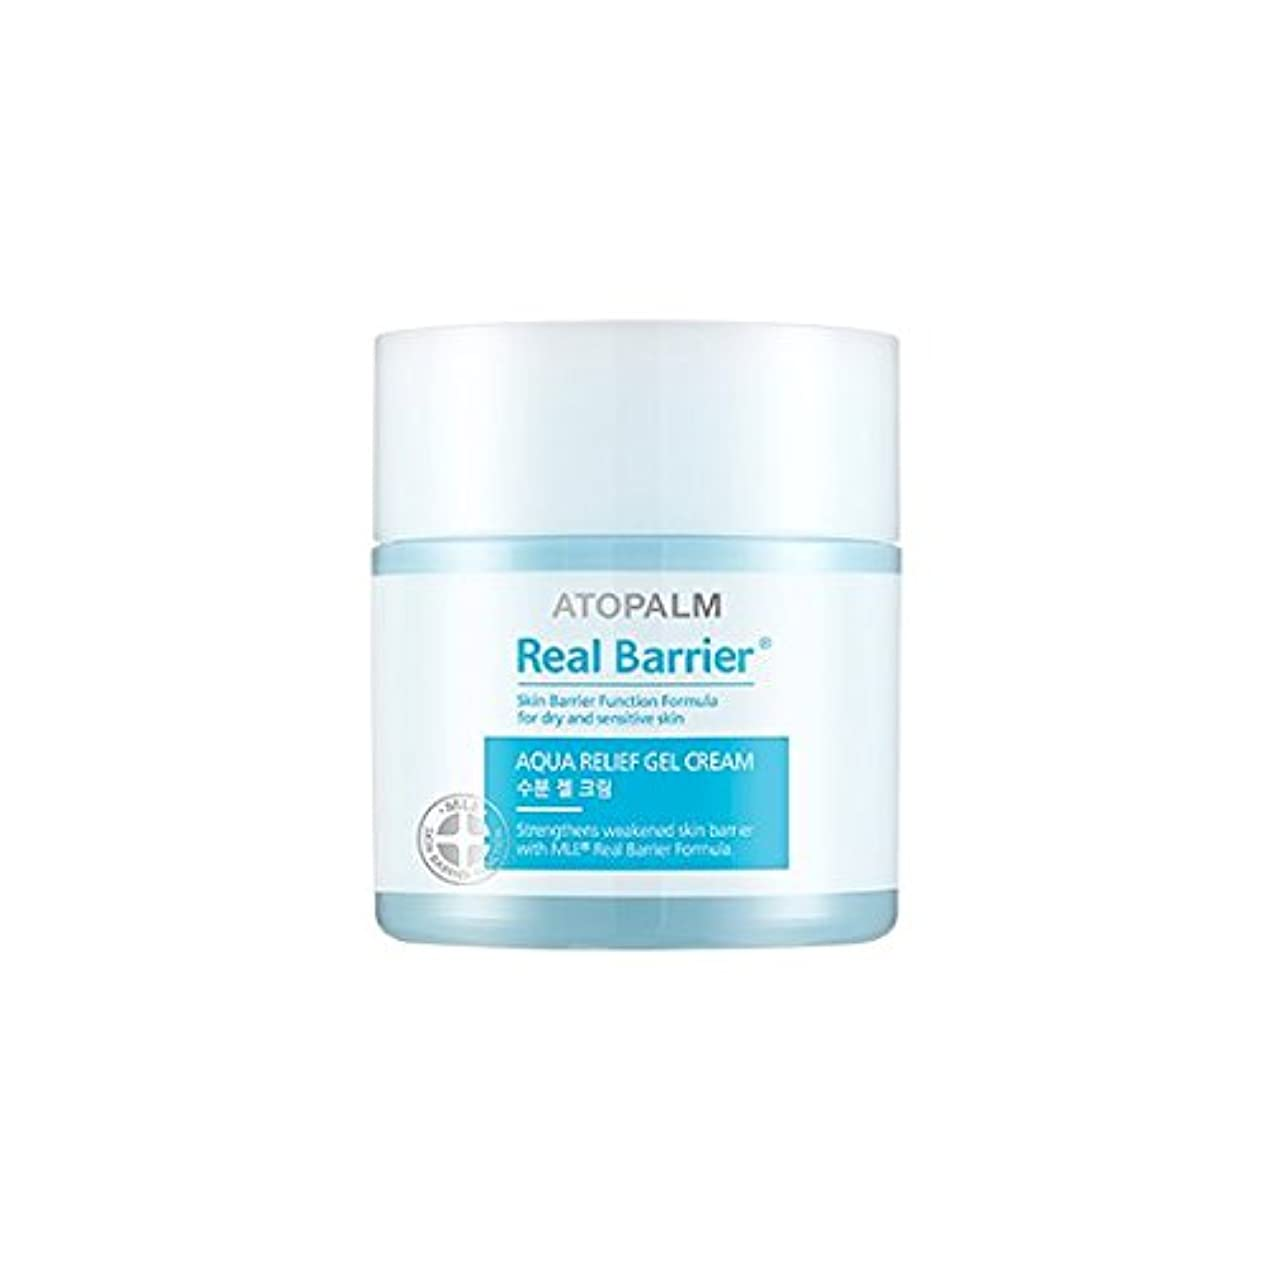 スライス男らしさ阻害するATOPALM Real Barrier Aqua Relief Gel Cream 50ml/アトパーム リアル バリア アクア リリーフ ジェル クリーム 50ml [並行輸入品]